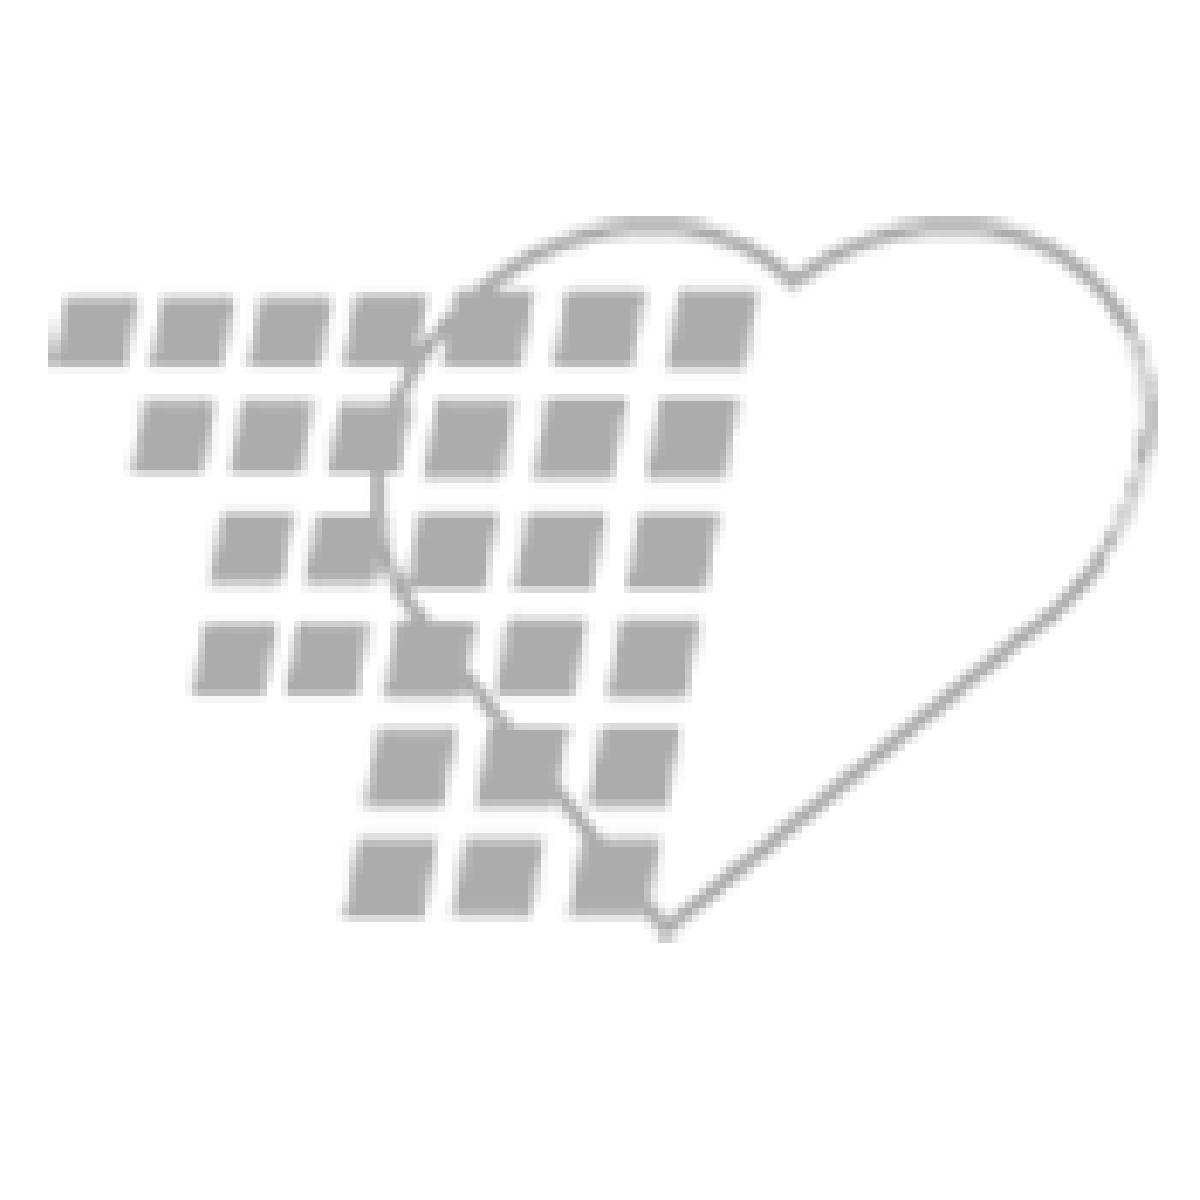 12-81-0107 Nasco Life/form® Pediatric Lumbar Puncture Simulator